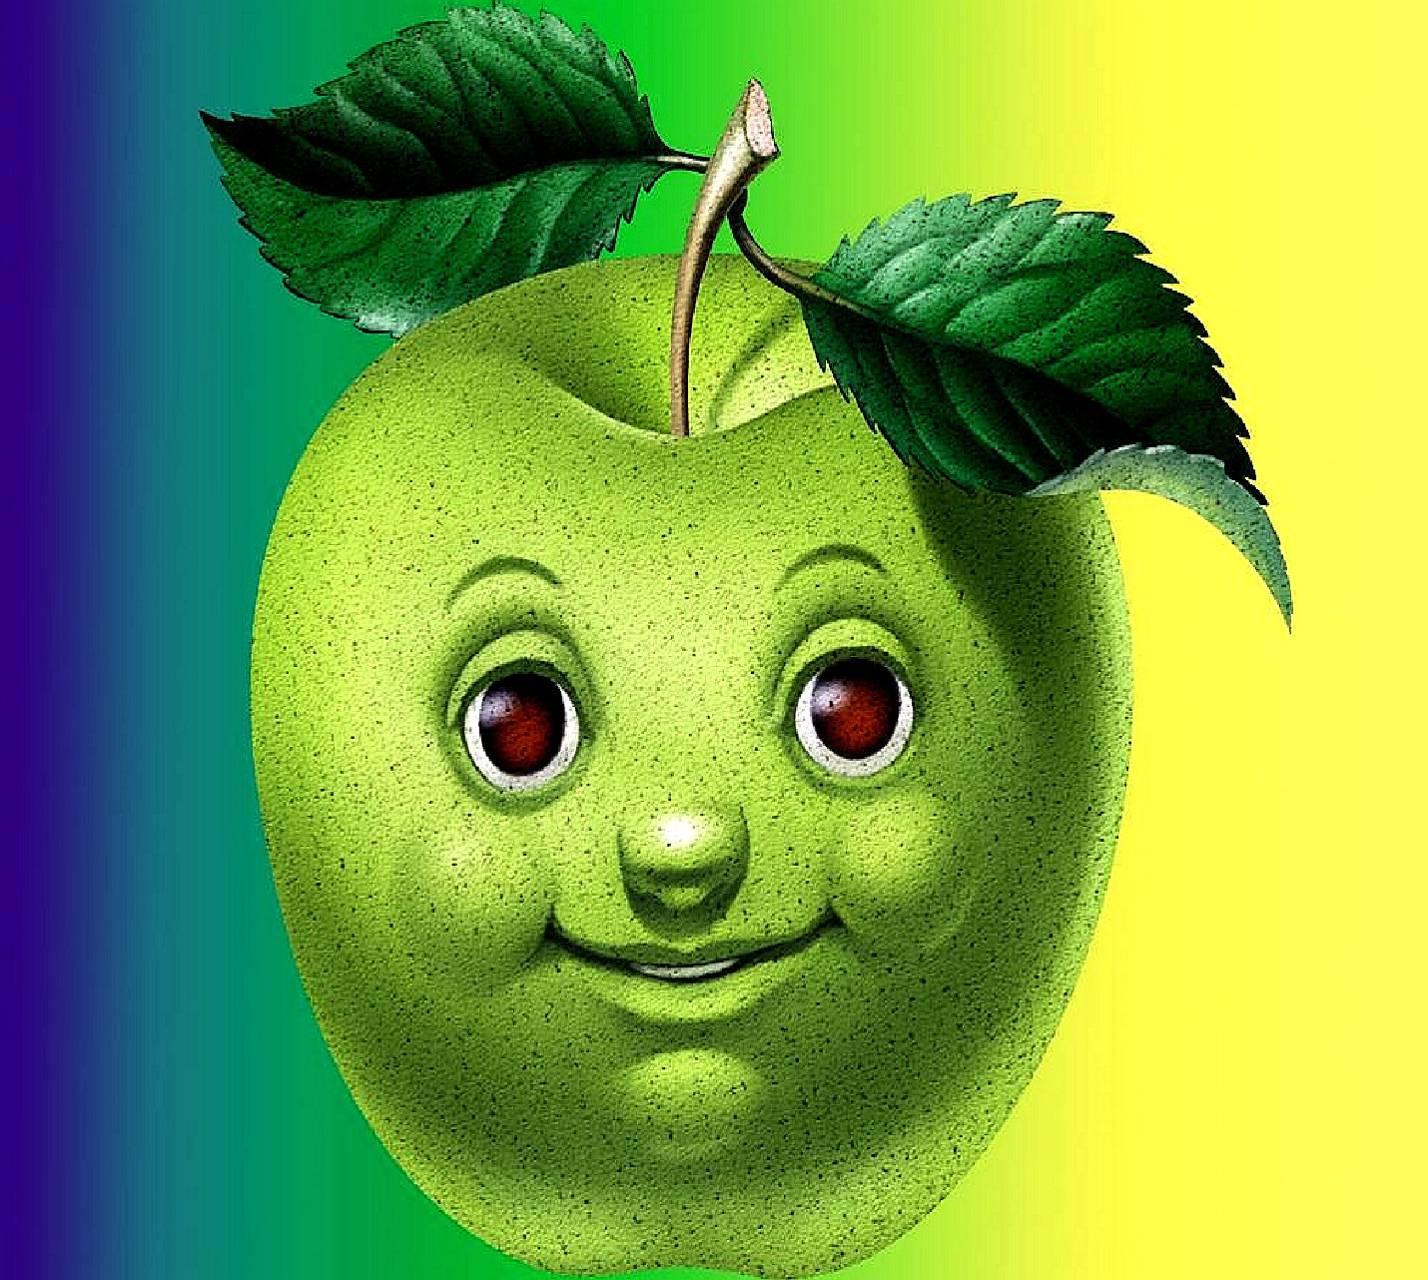 Для папы, прикольные картинки о яблочке